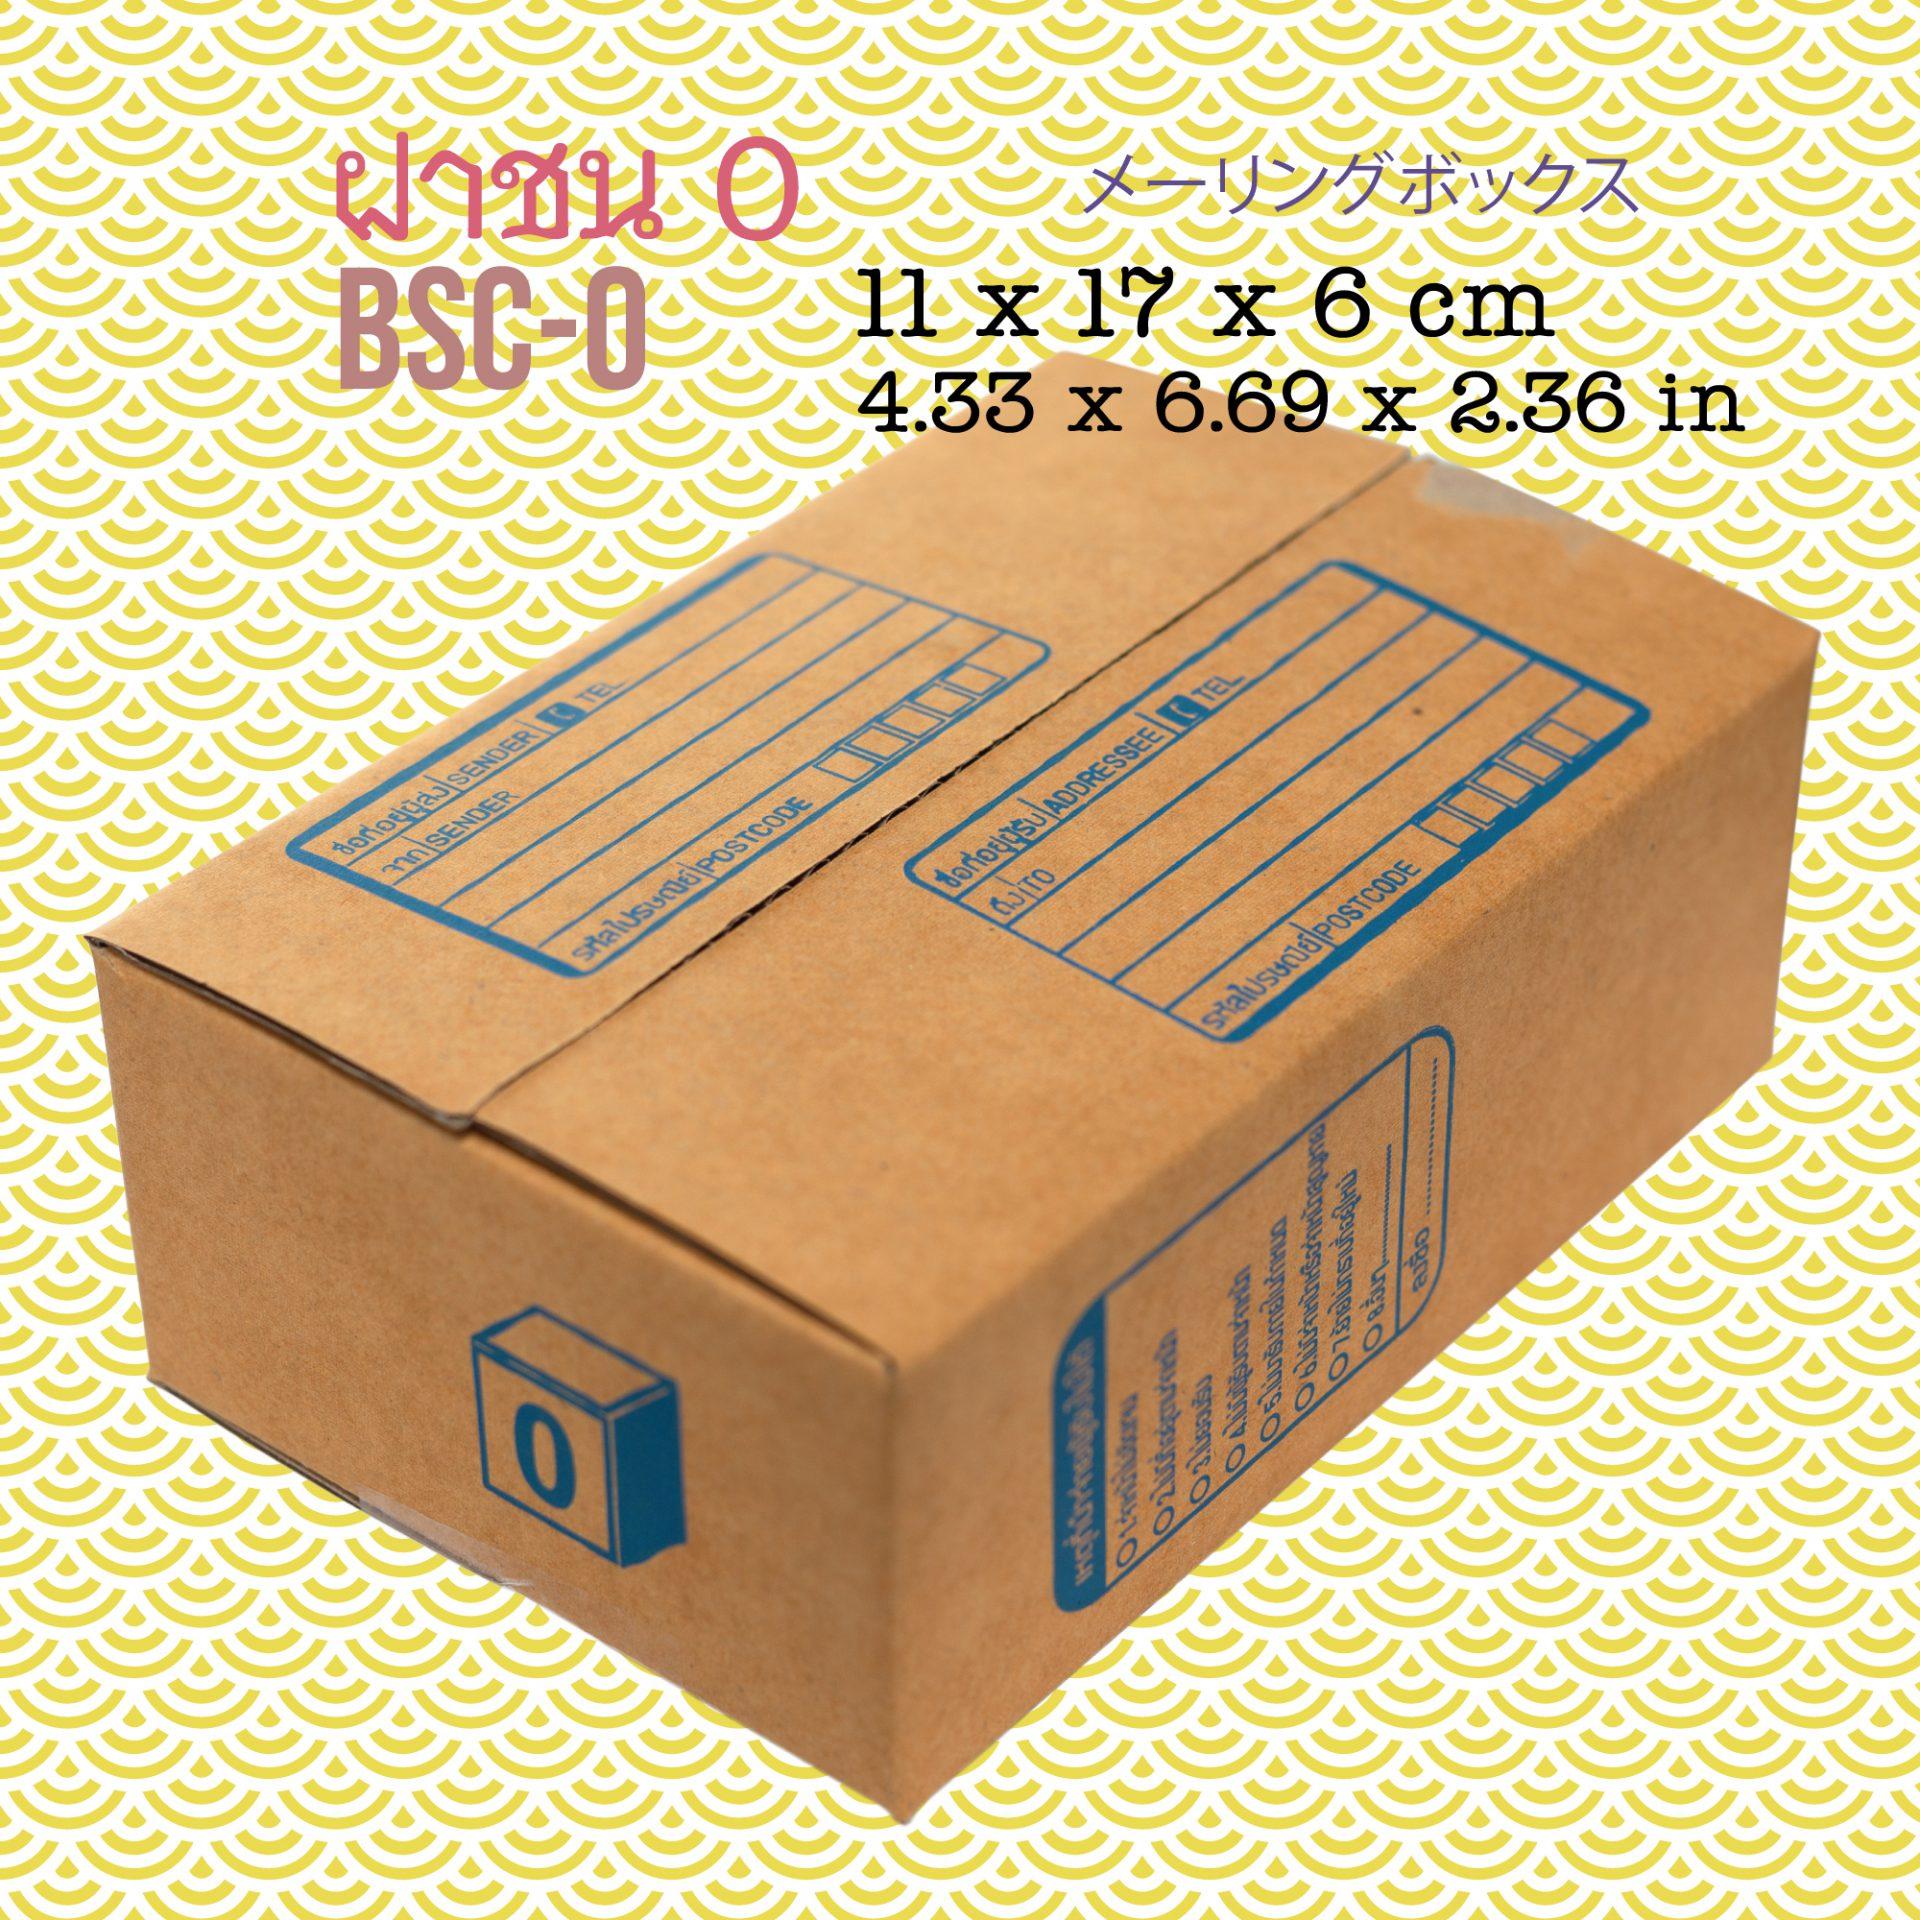 กล่องไปรษณีย์ ฝาชน 0